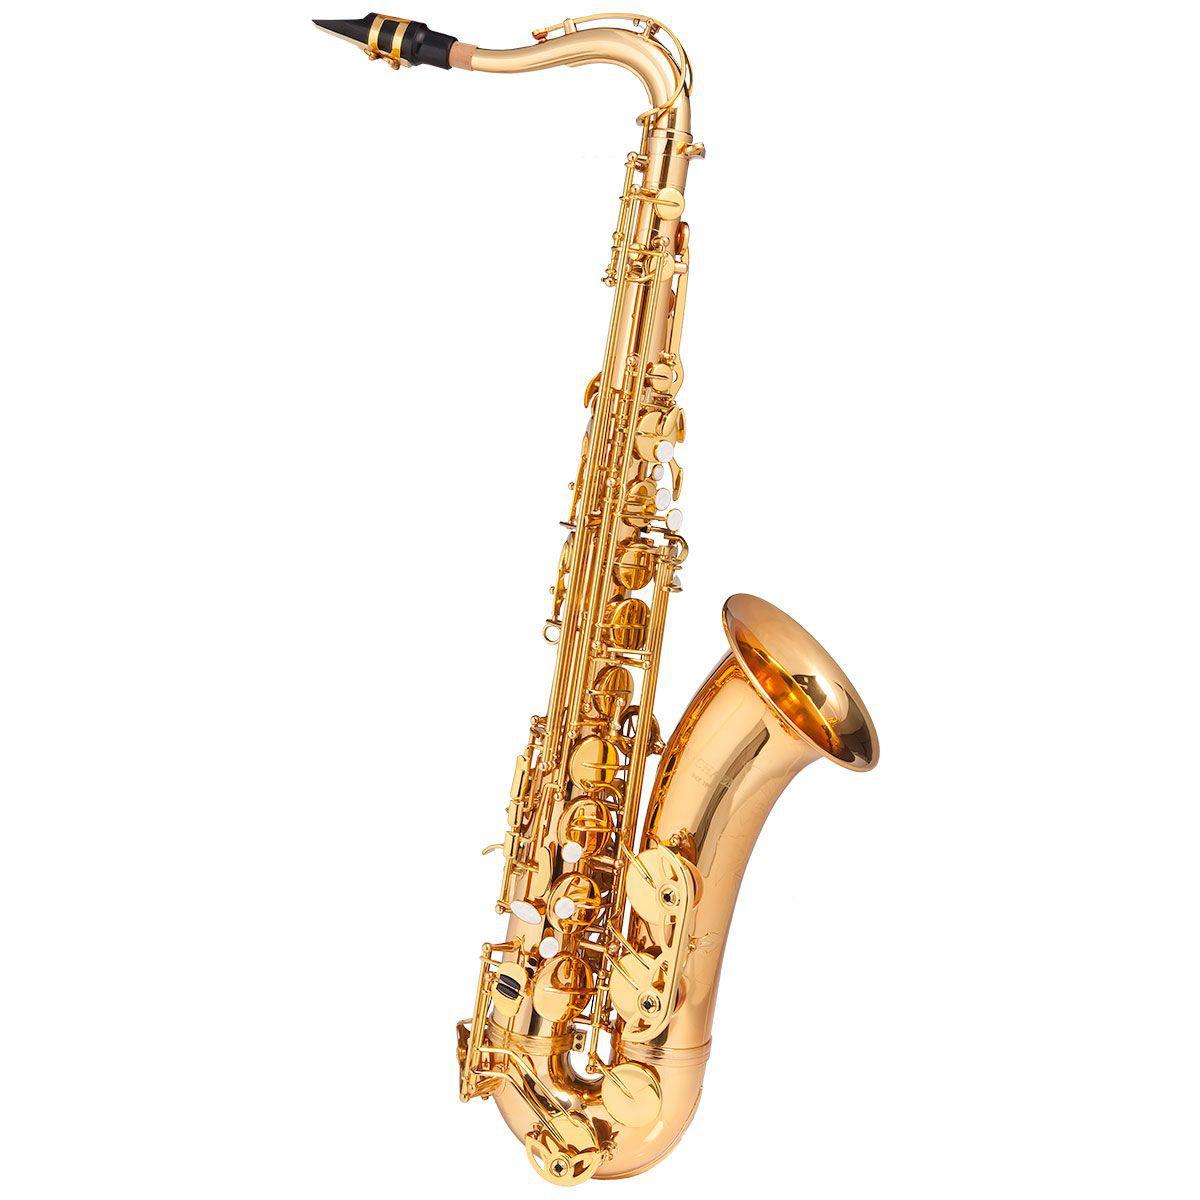 Sax Tenor Michael Wtsm48 Dourado  - Luggi Instrumentos Musicais